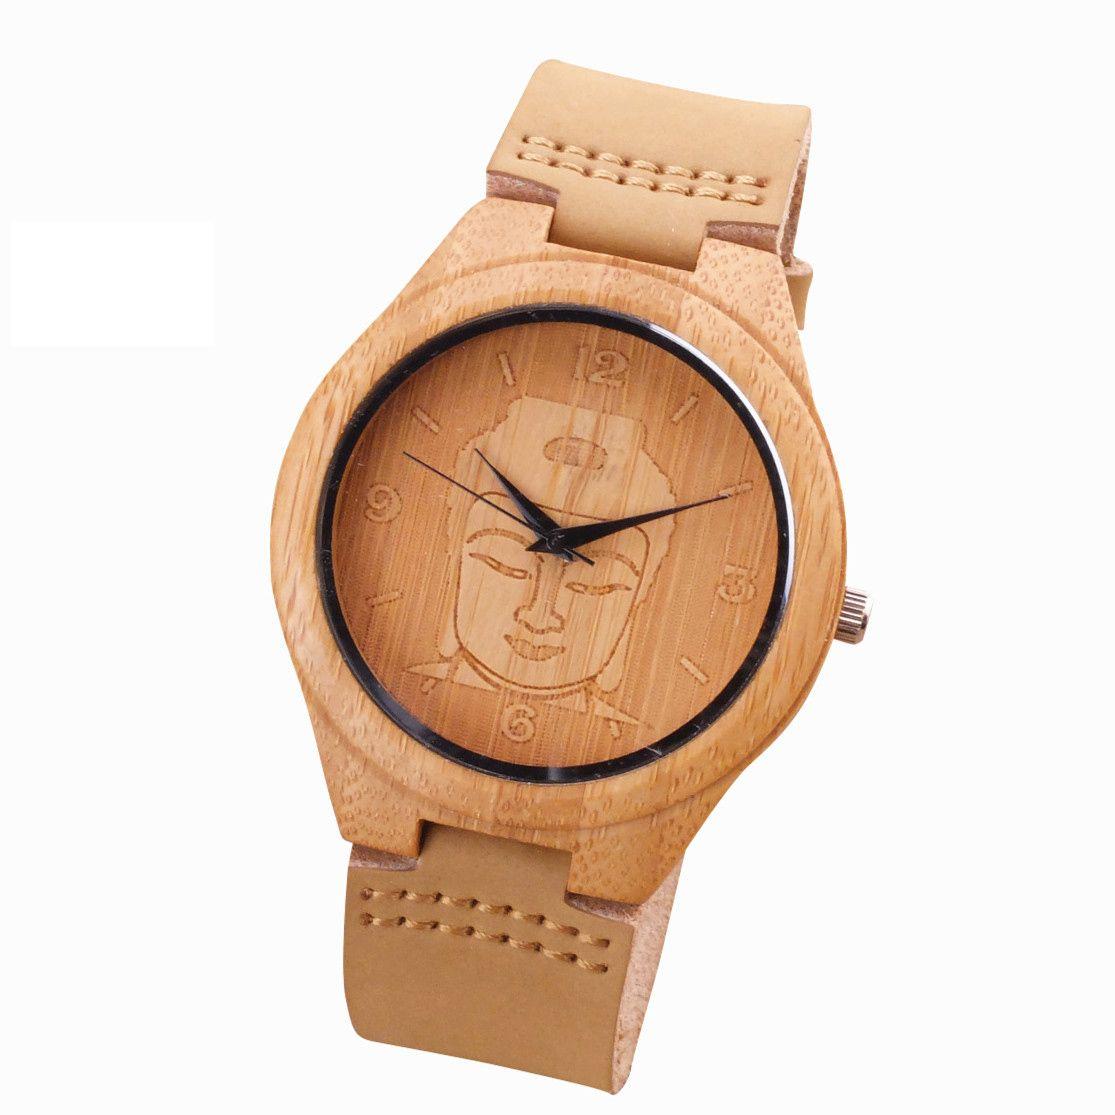 2018 бамбуковое дерево часы минималистский Будды Пояса из натуральной кожи ремешок Природа Дерево браслет наручные часы унисекс Reloj Hombre часы